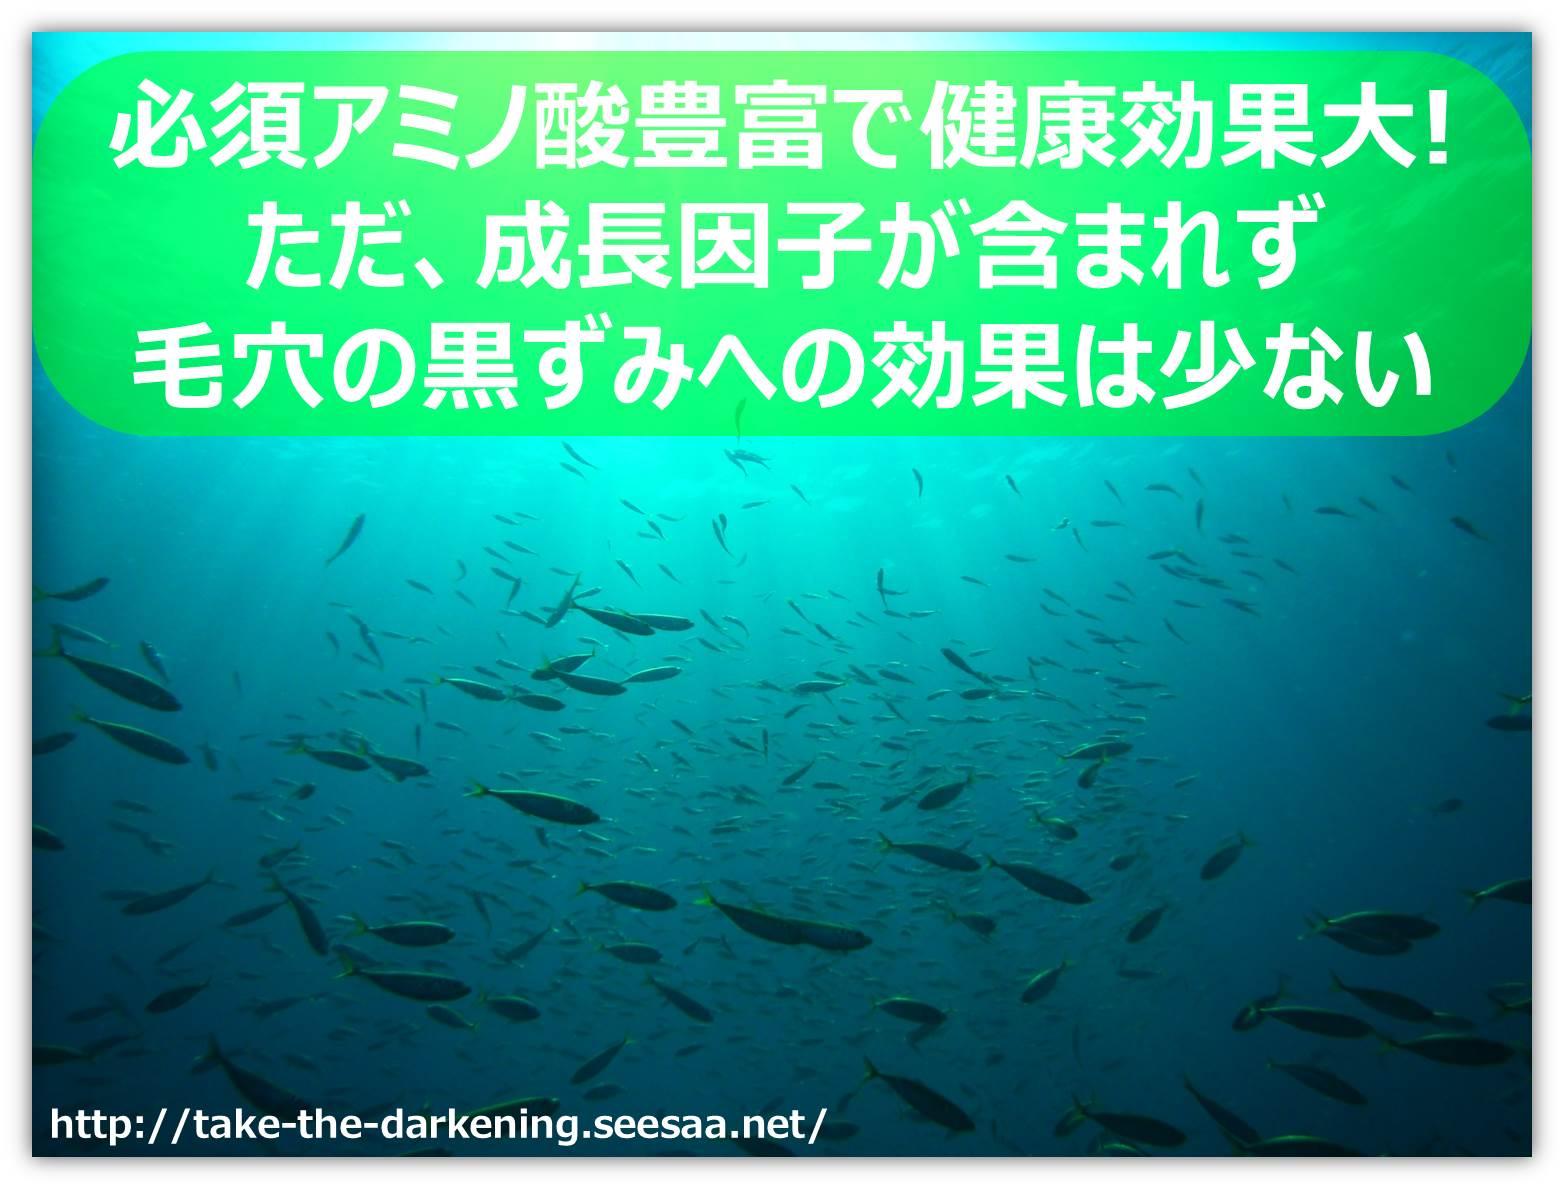 海洋性プラセンタ.jpg